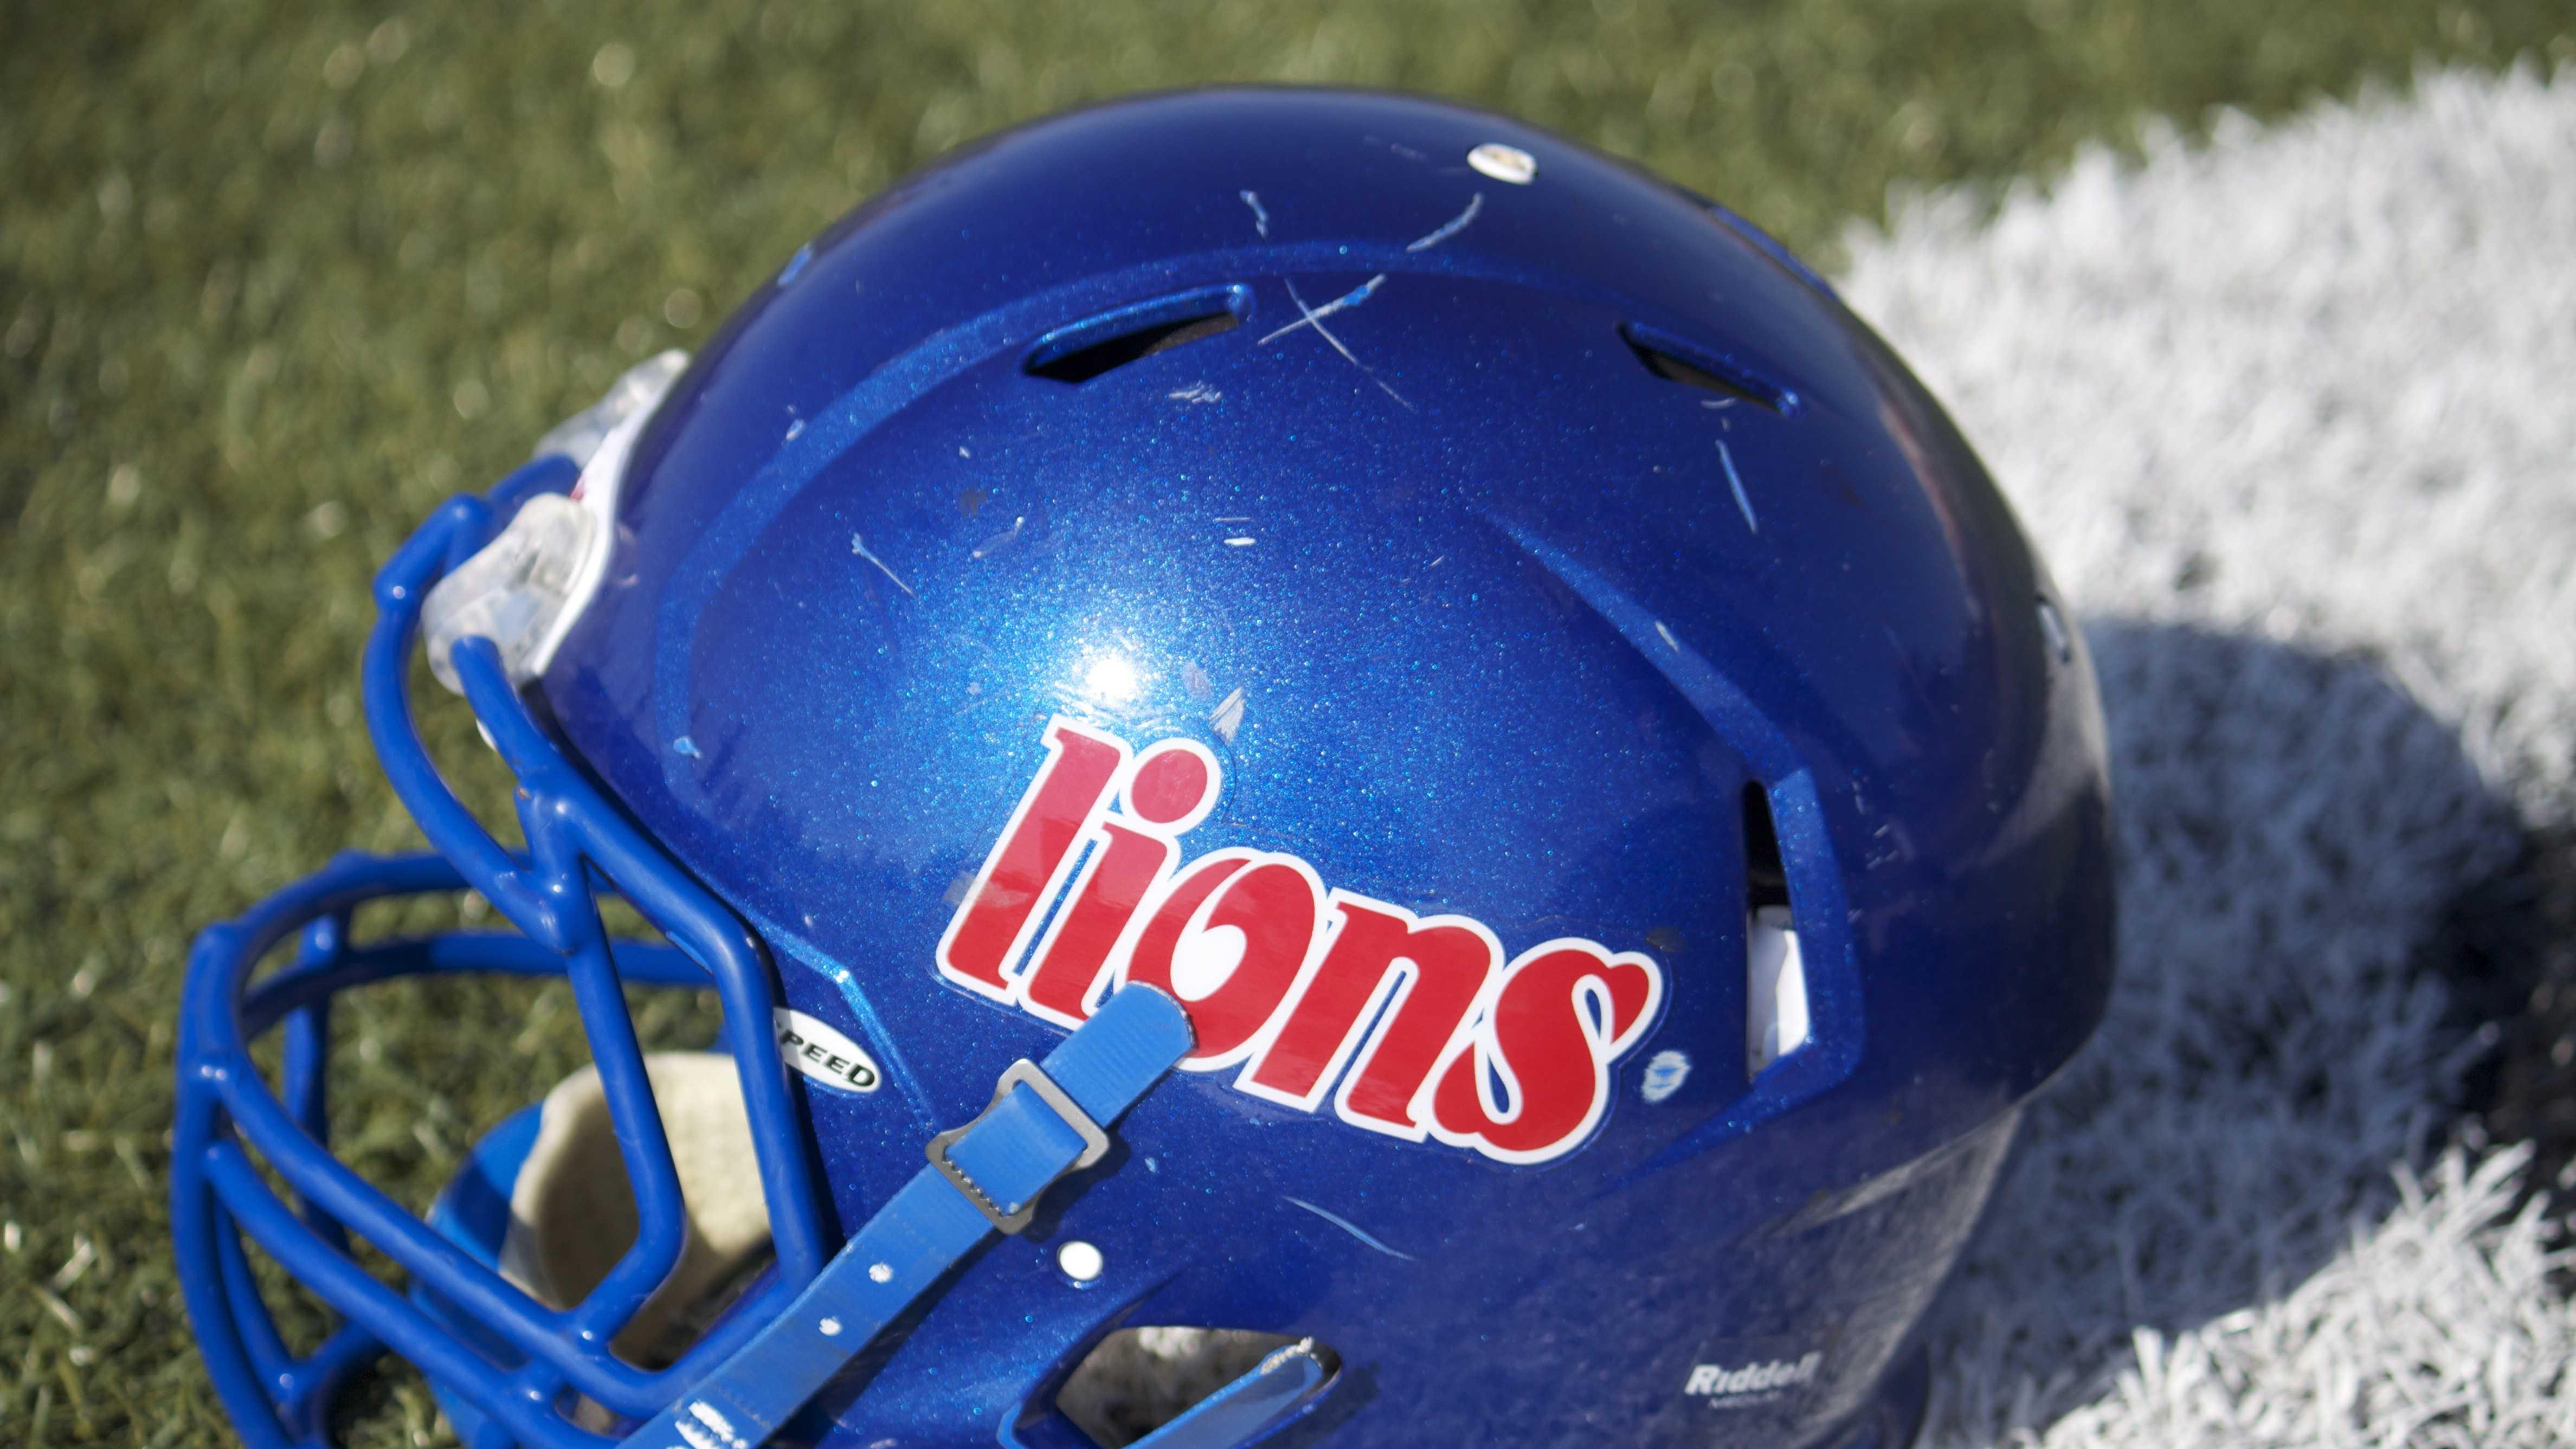 Moore Lions helmet